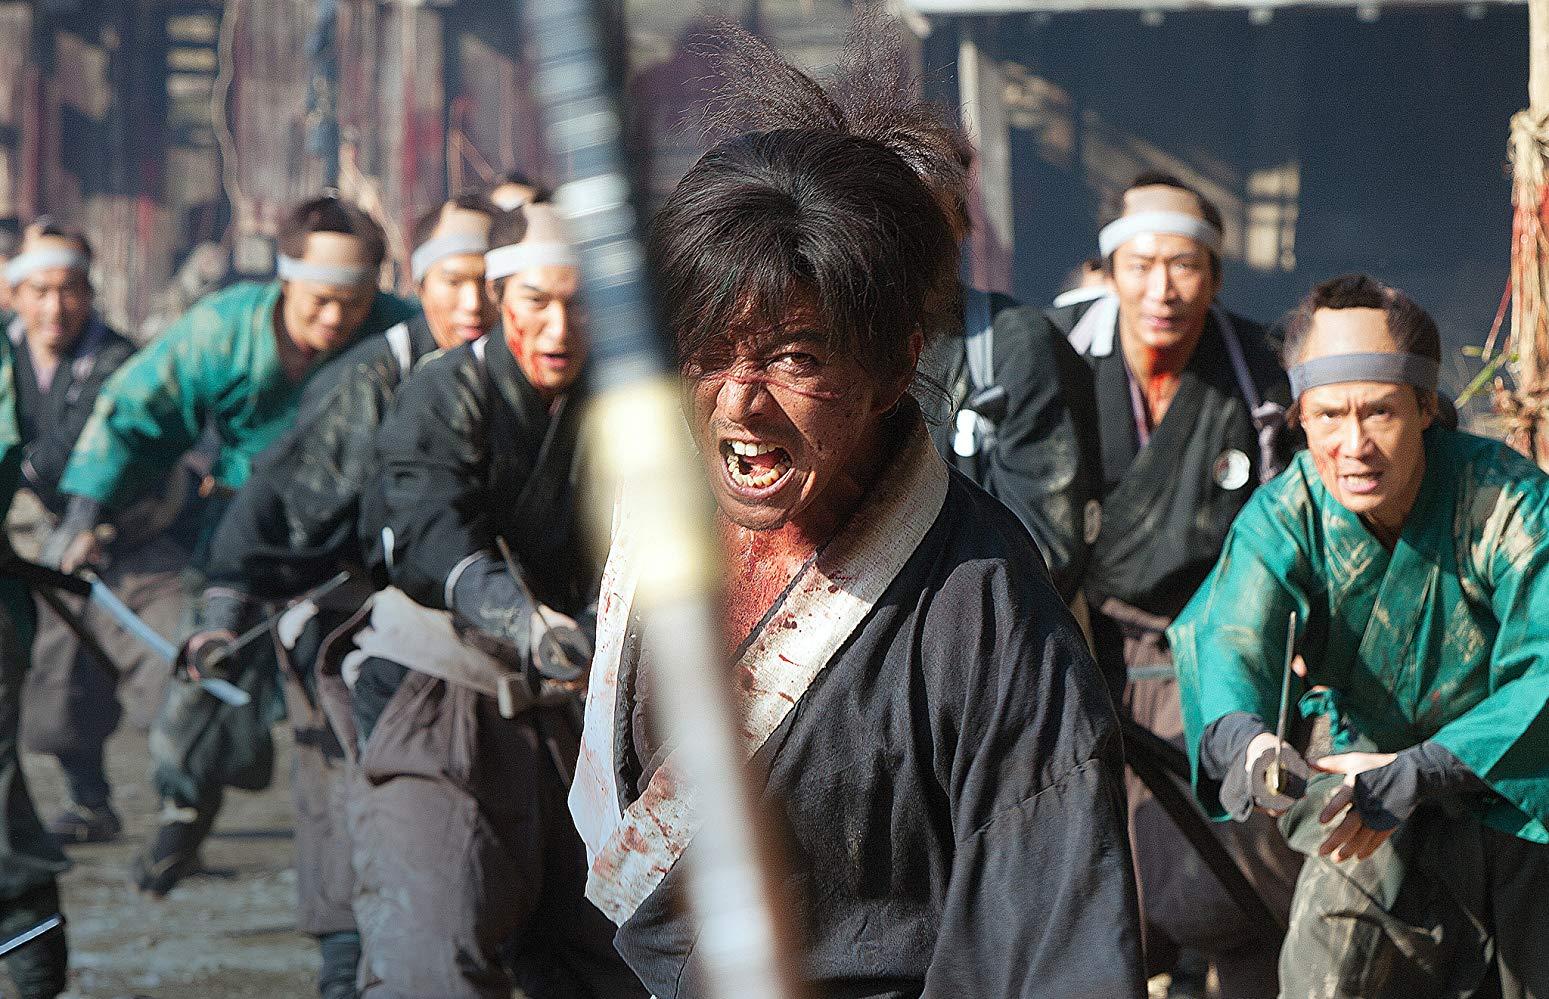 نقد فیلم Blade of the Immortal تیغه جاودانه اثری از تاکاشی میکه